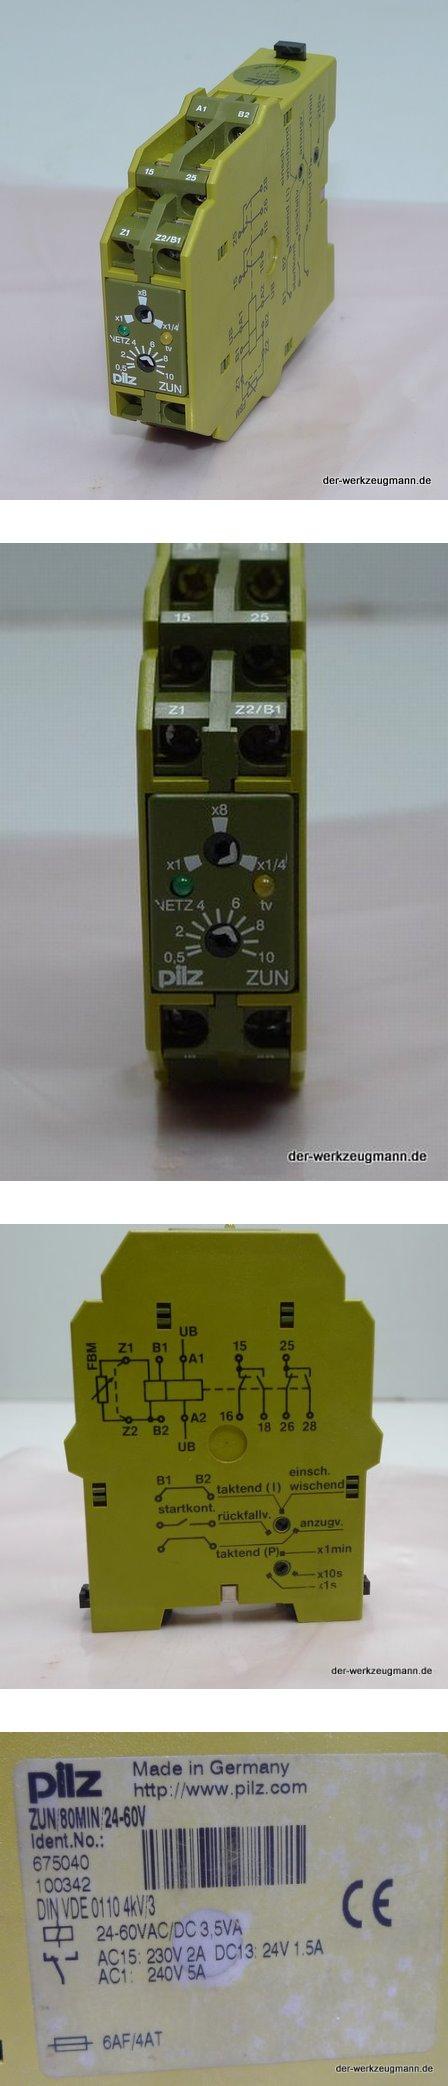 Pilz ZUN/80min/24-60V 675040 Sicherheitsrelais